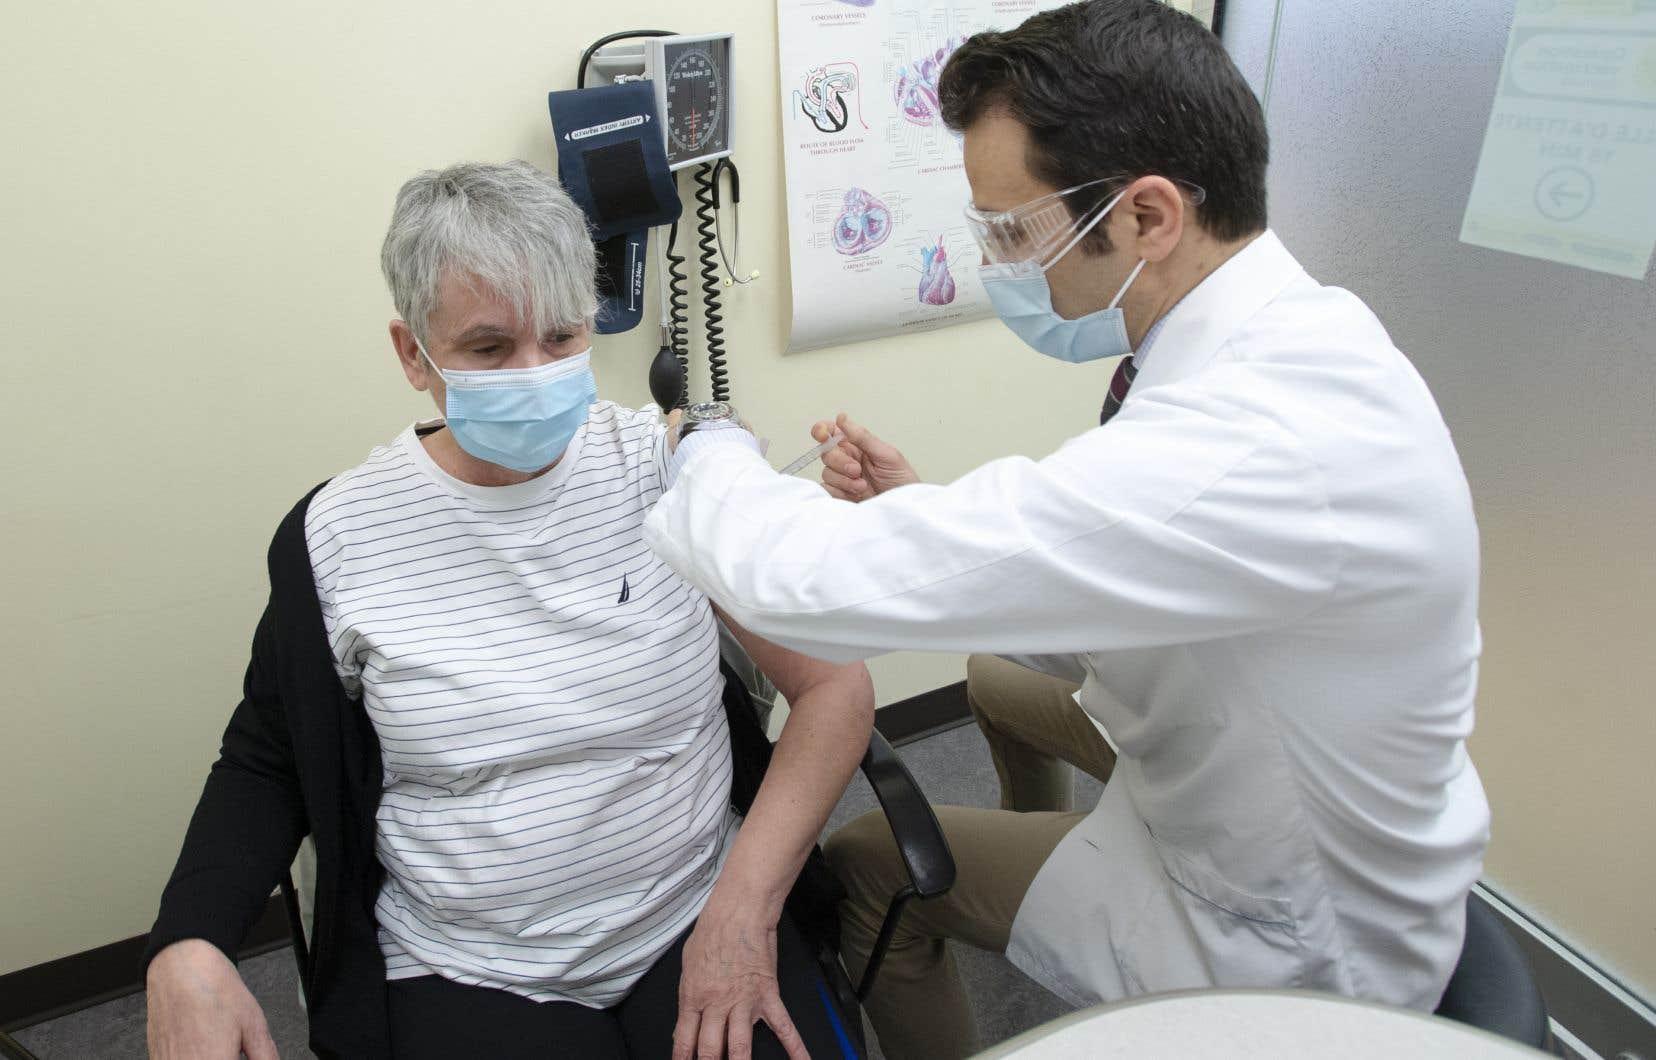 Avec une moyenne de près de 40000 doses administrées chaque jour la semaine dernière, le Québec est encore loin de sa cible de vaccination.